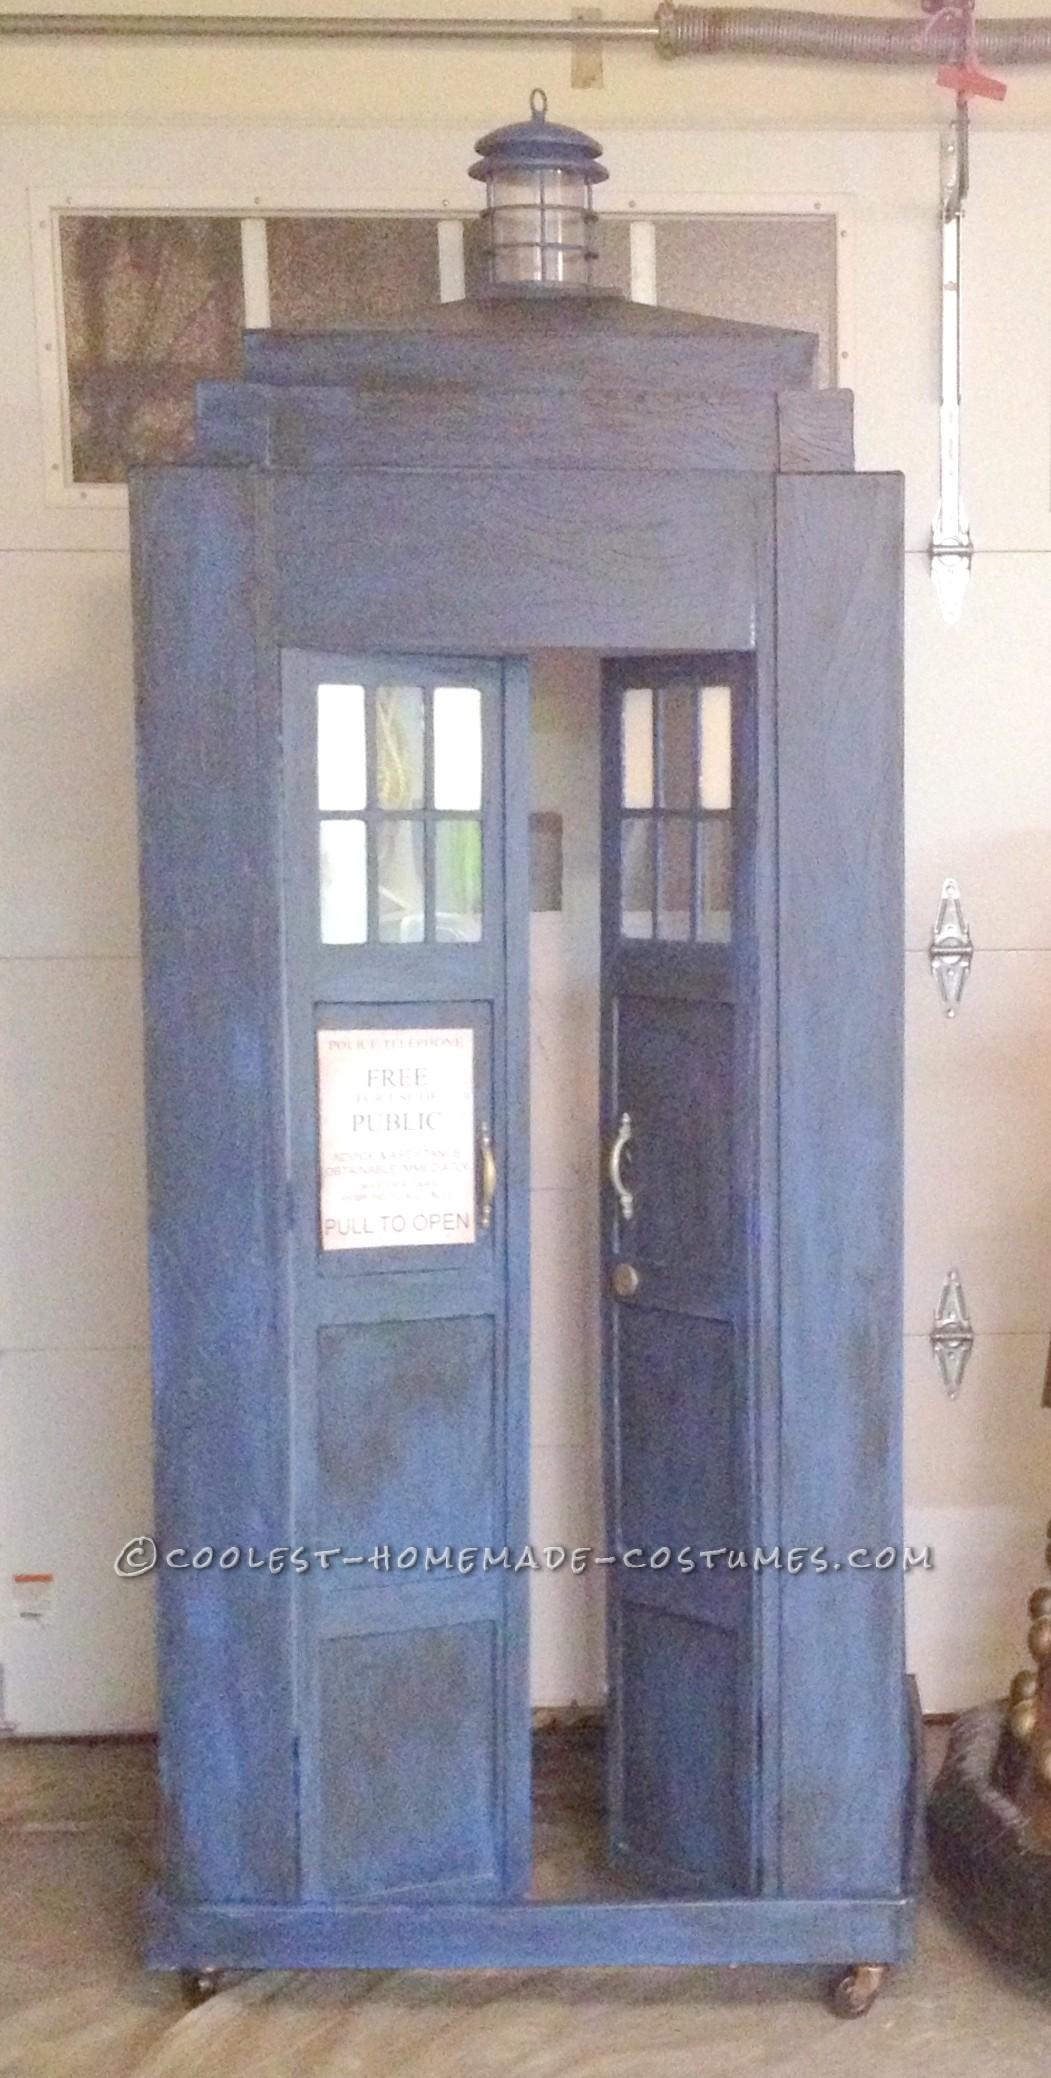 TARDIS incomplete